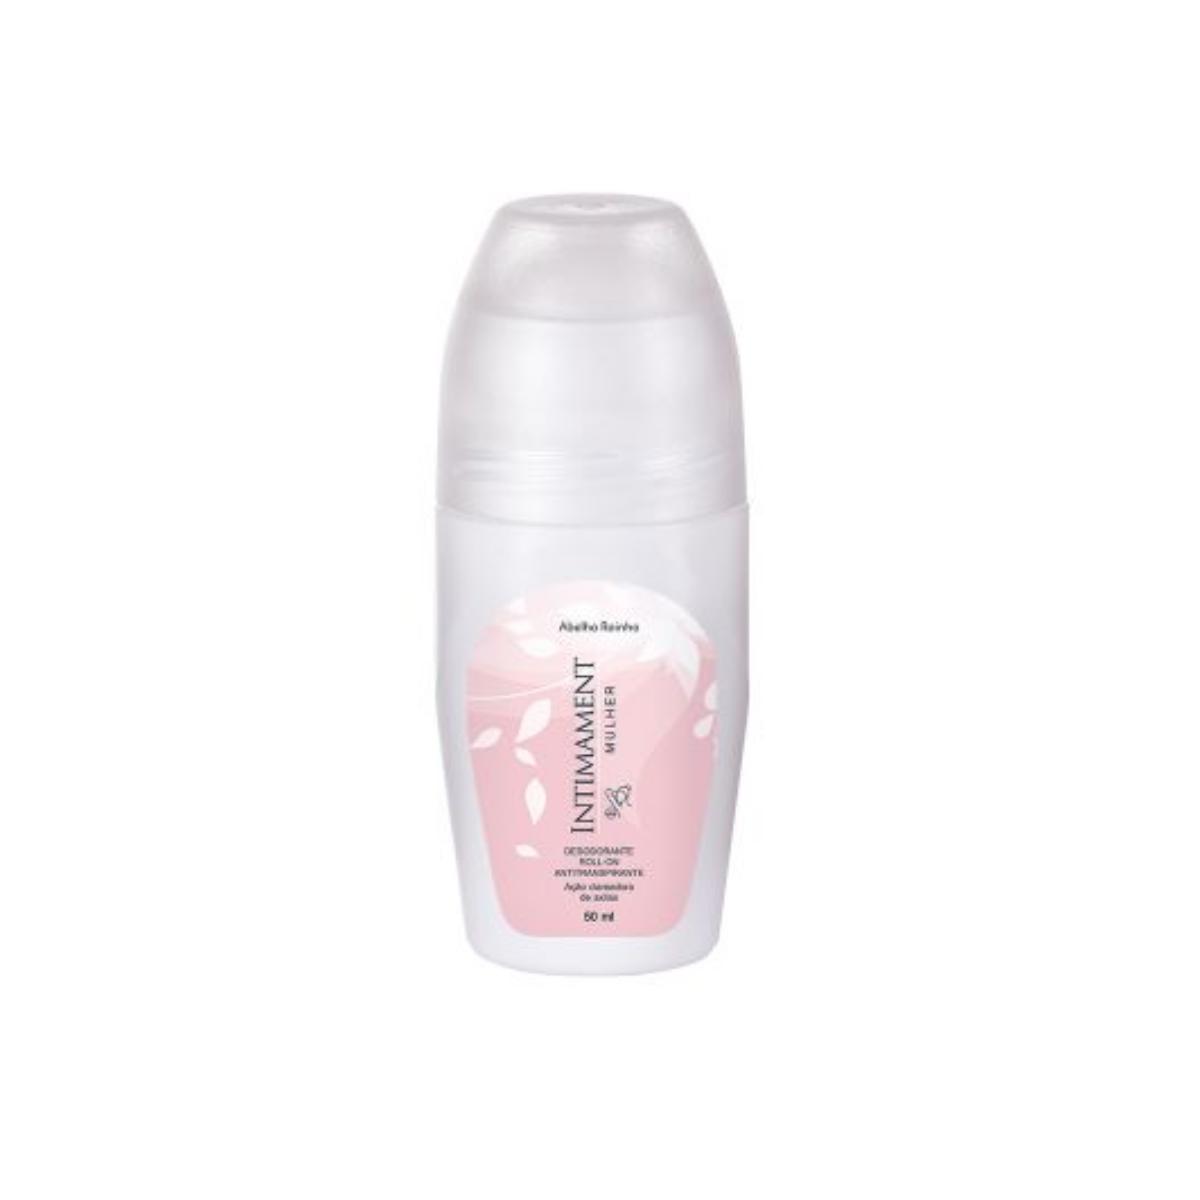 Intimament Desodorante Roll-on Ação Claread. De Axilas 50ml